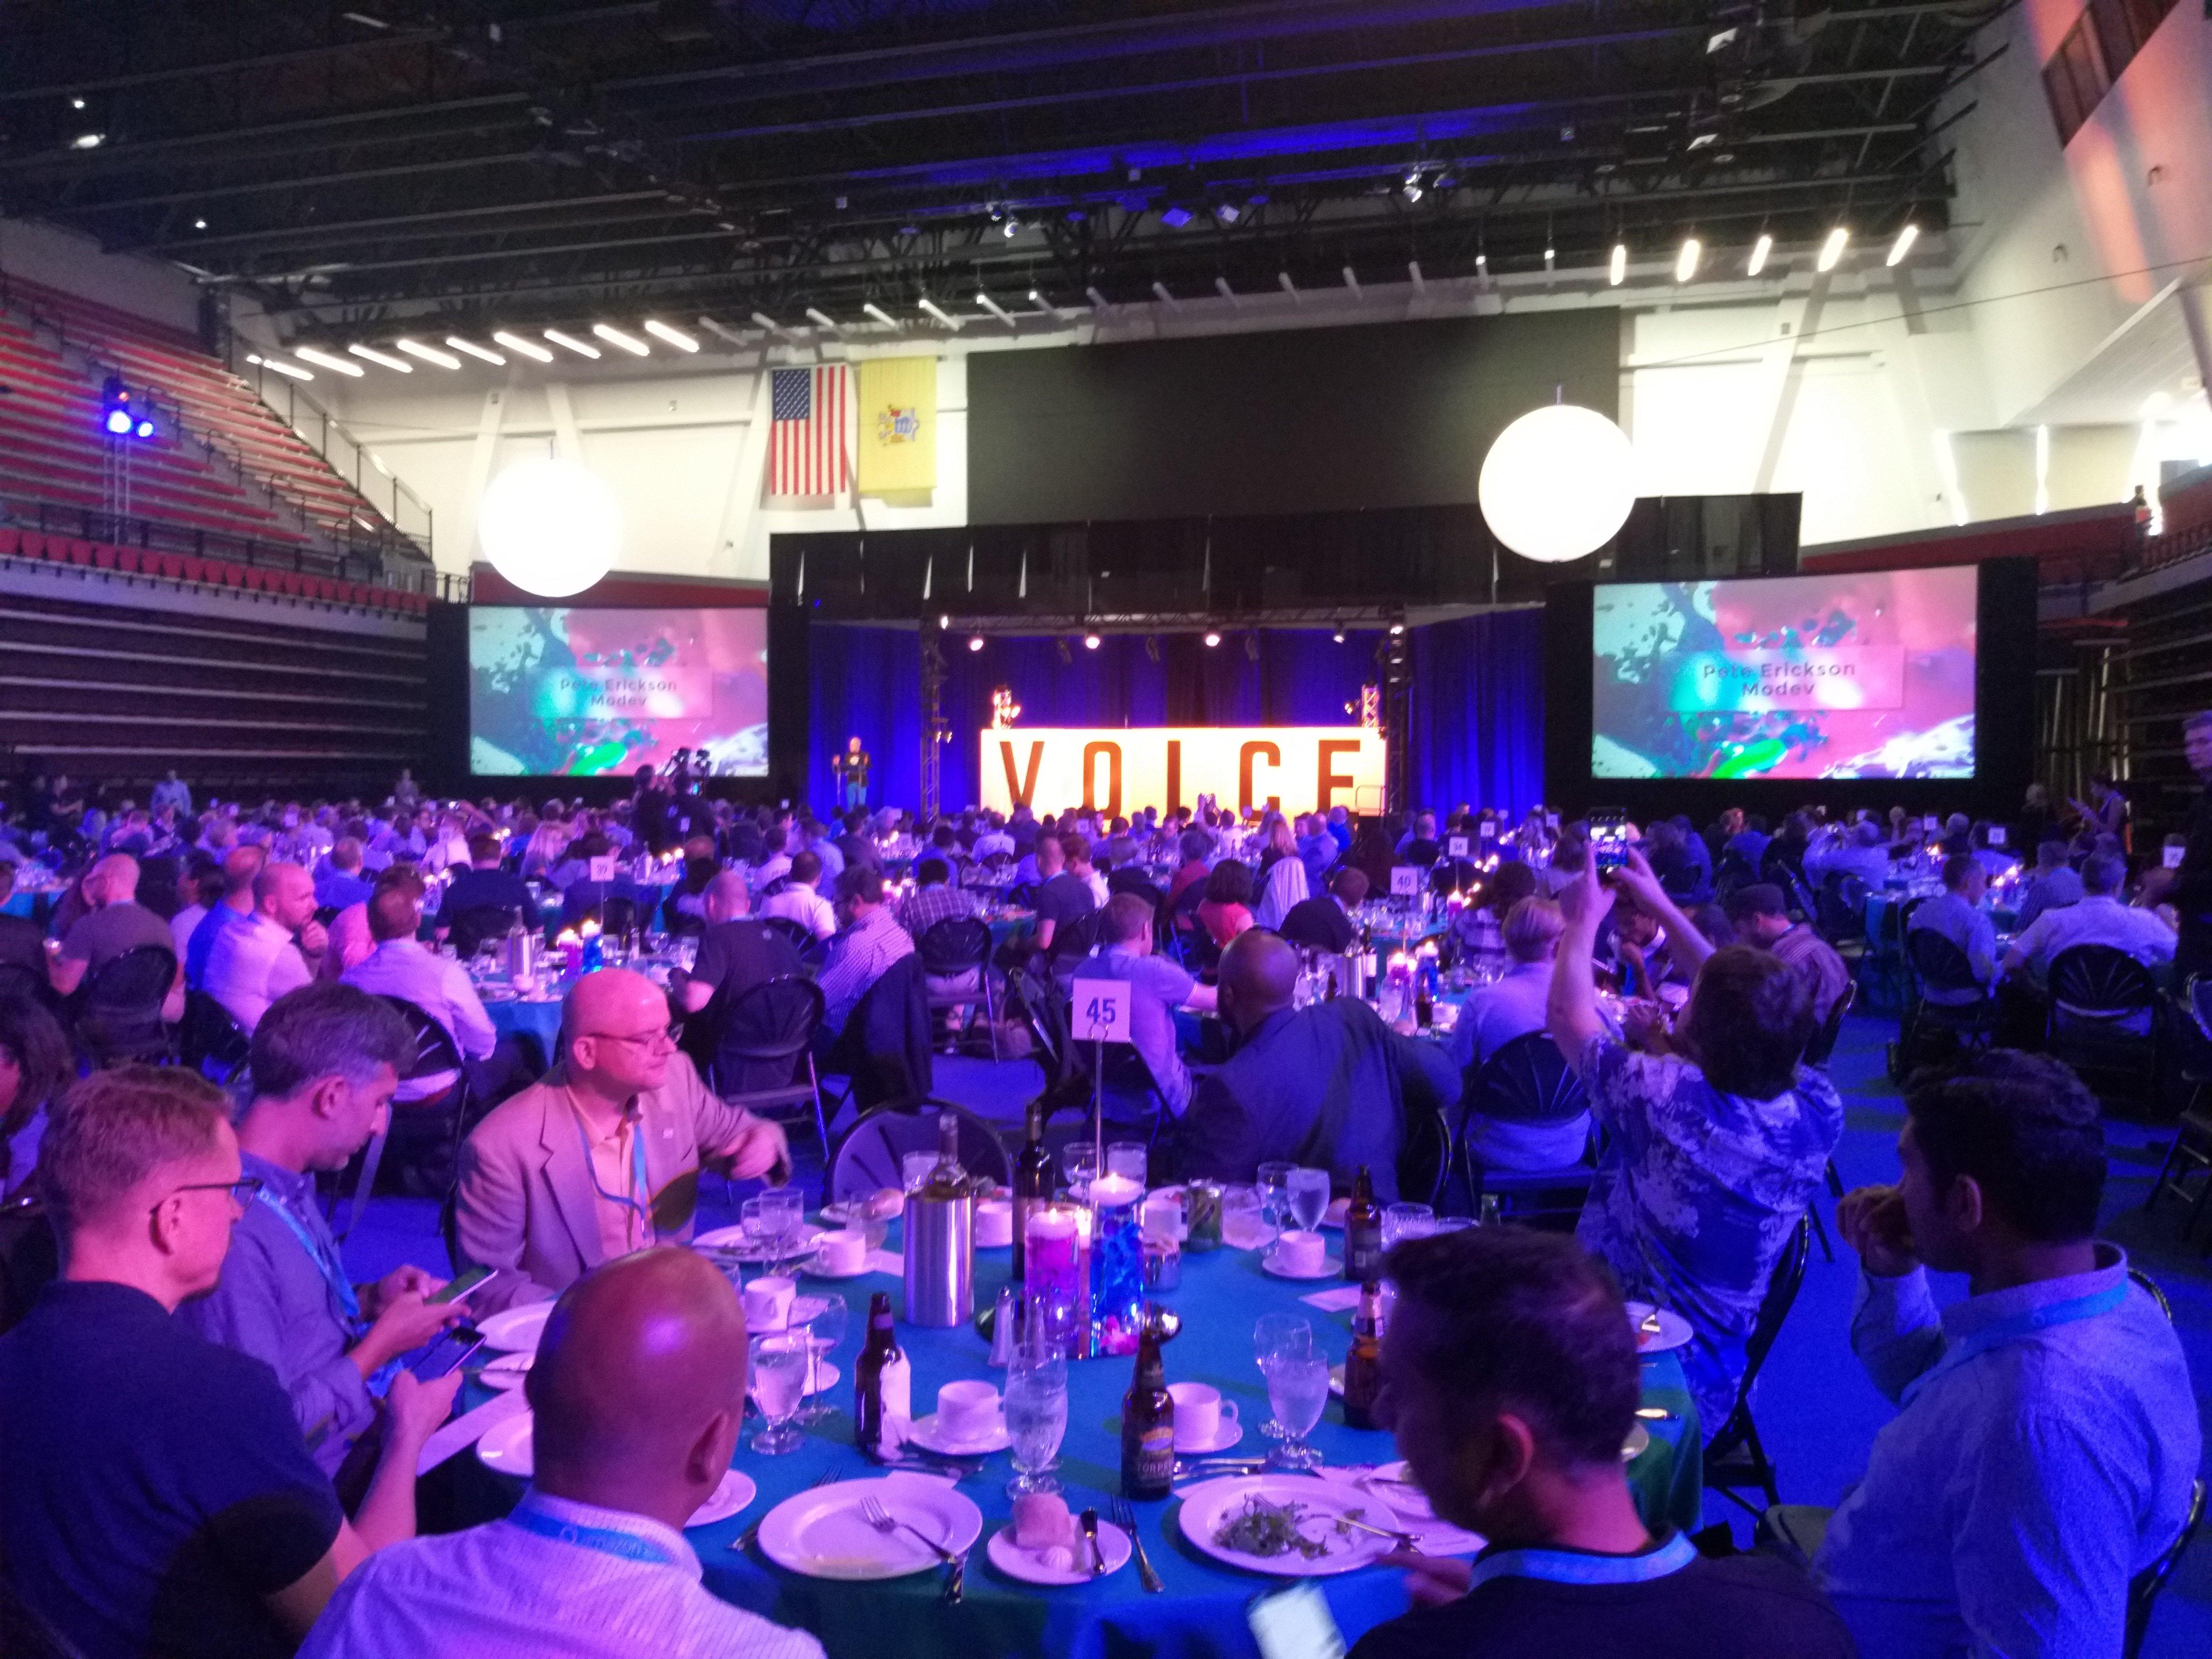 VOICE Awards Dinner